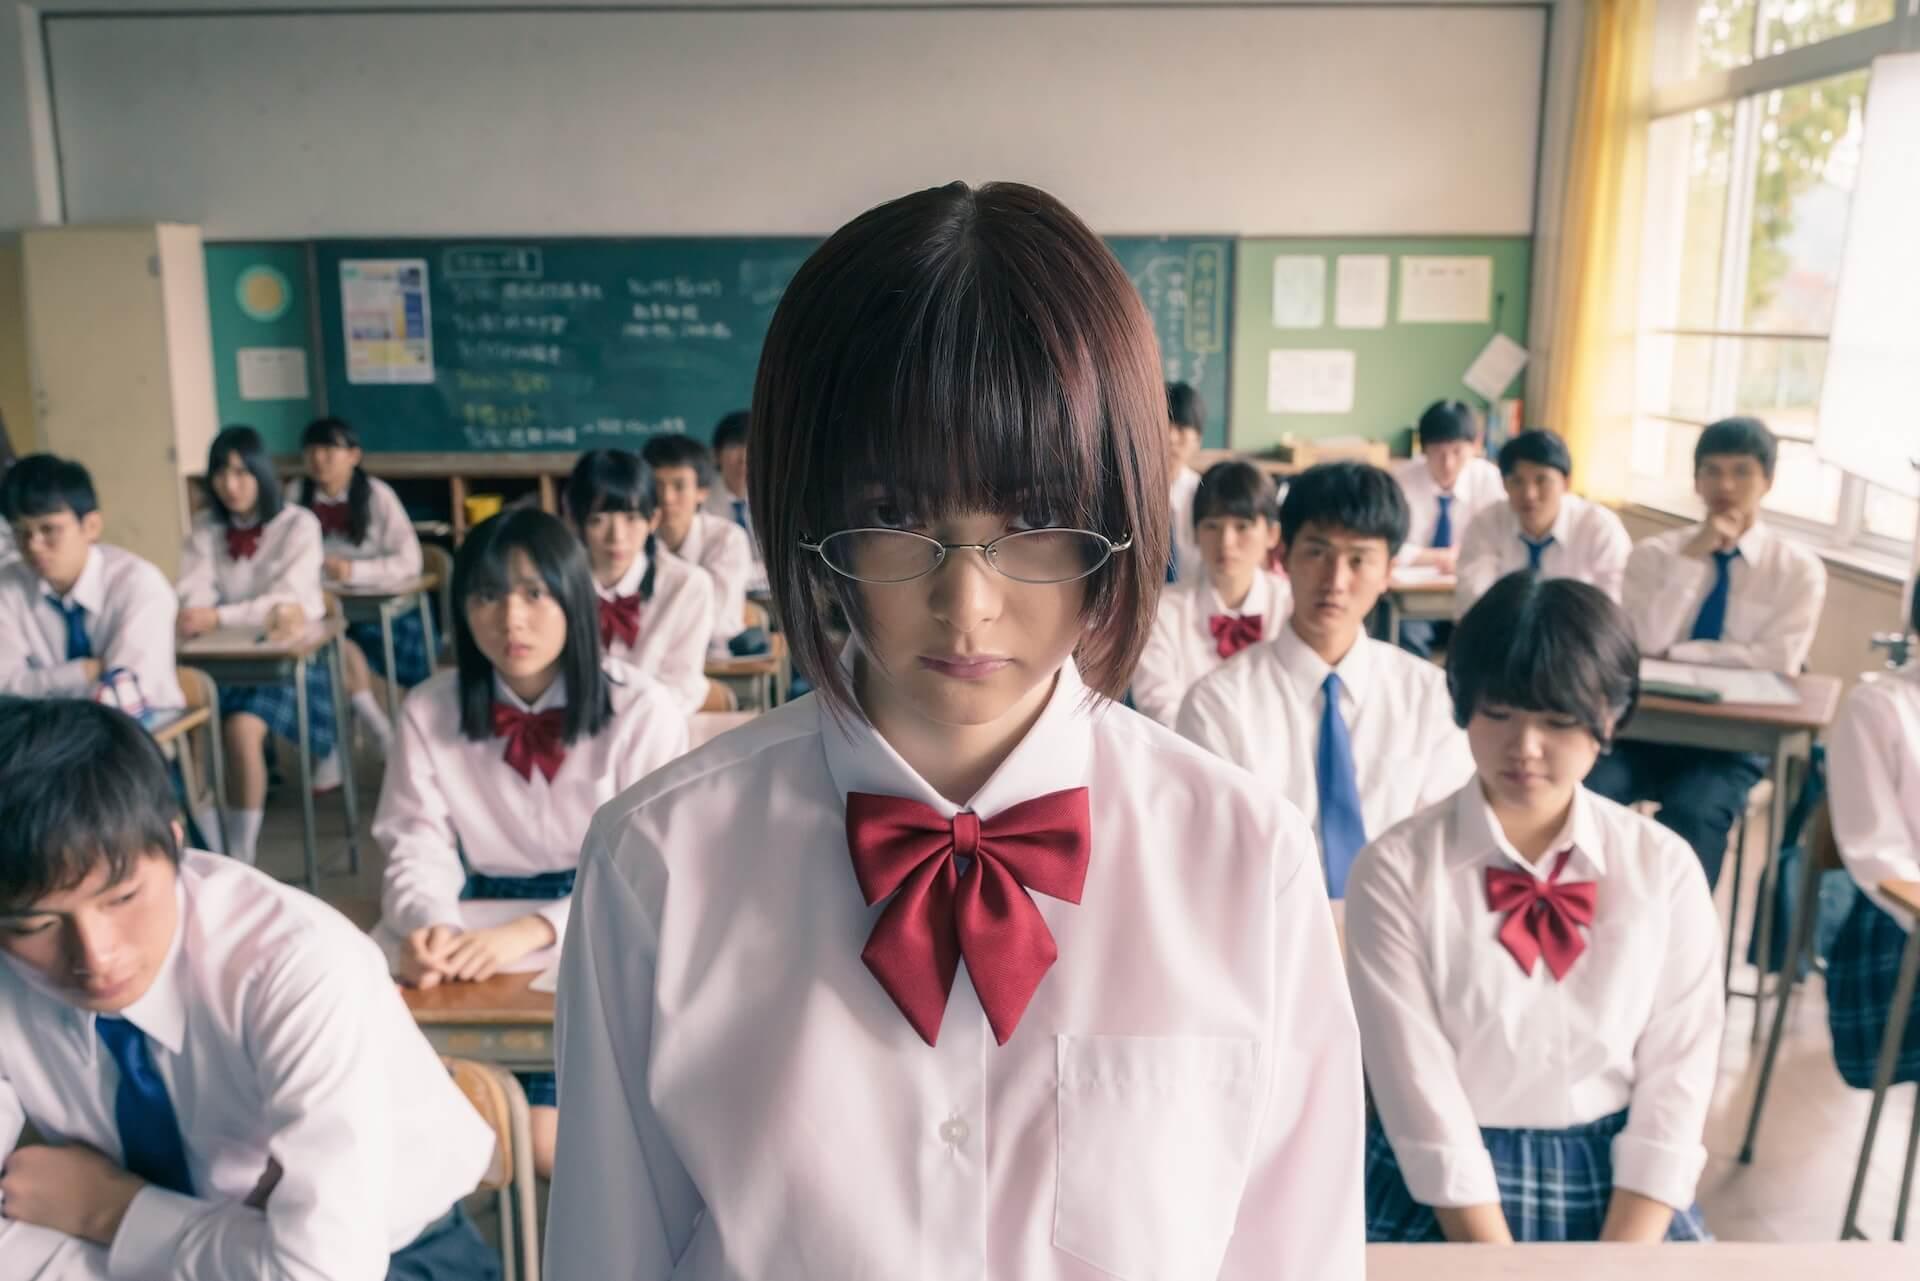 『となりのトトロ』が劇場に帰ってくる!<映画のまち調布 シネマフェスティバル2021>開催で人気作品が上映決定 film201201_chofu_eiga_4